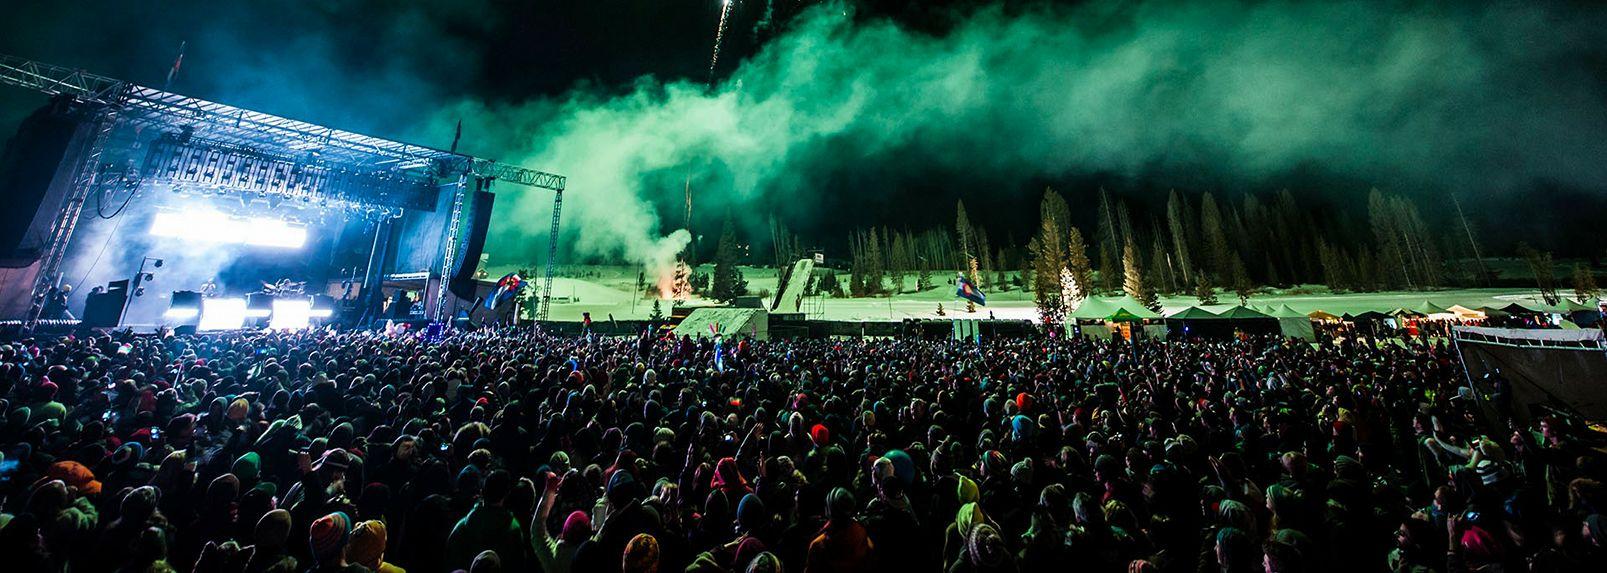 birlikte-guzel-sunar-visnelik-muzik-festivali